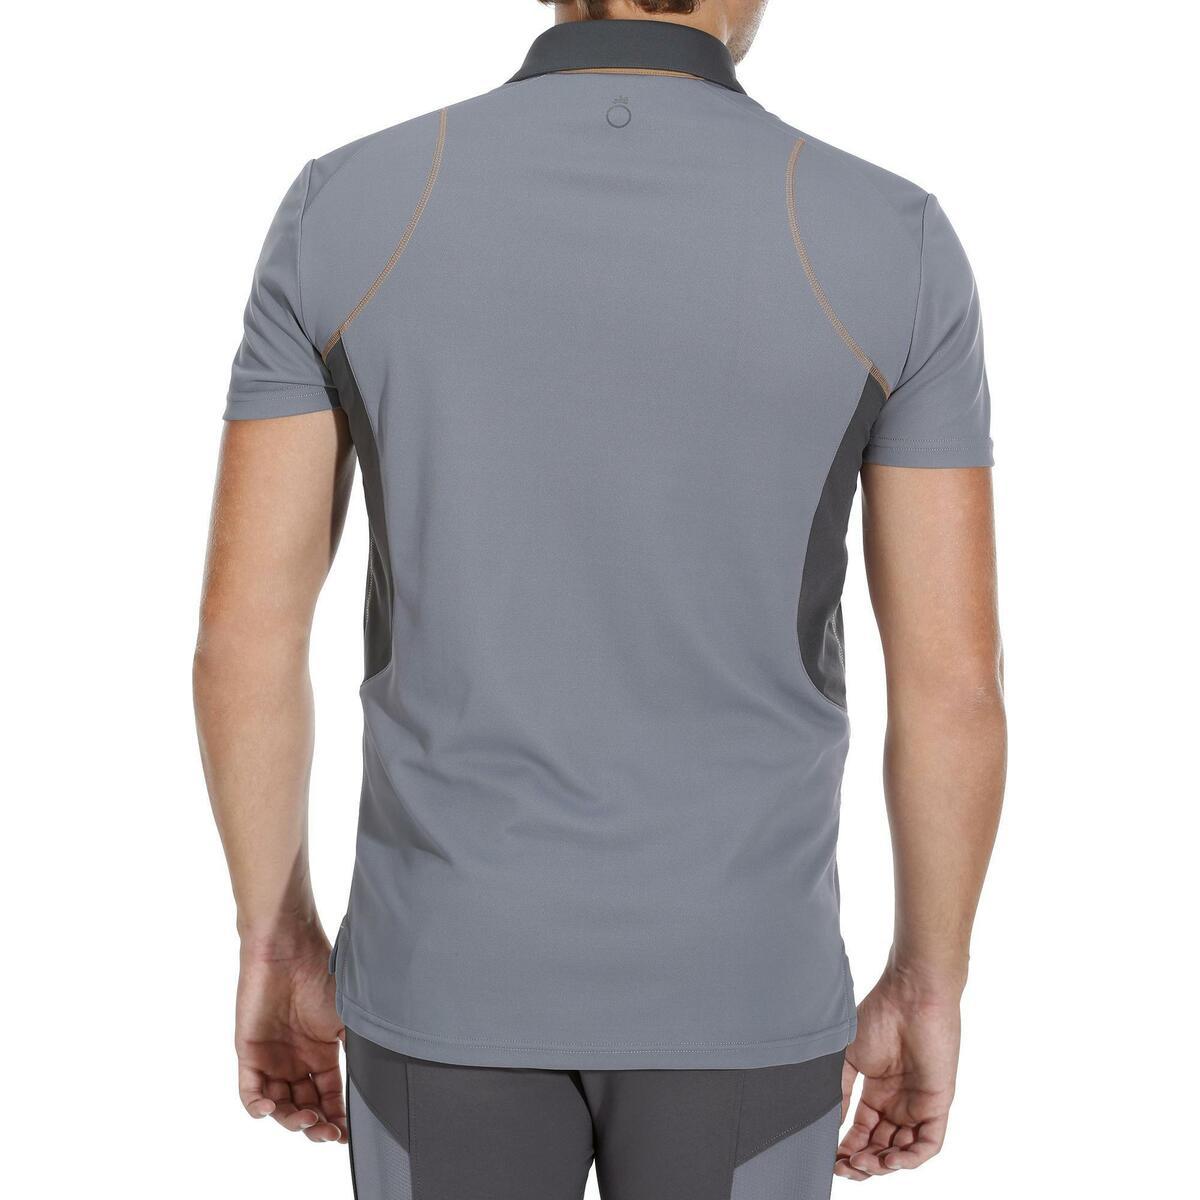 Bild 4 von Reit-Poloshirt 500 Mesh Herren grau/beige